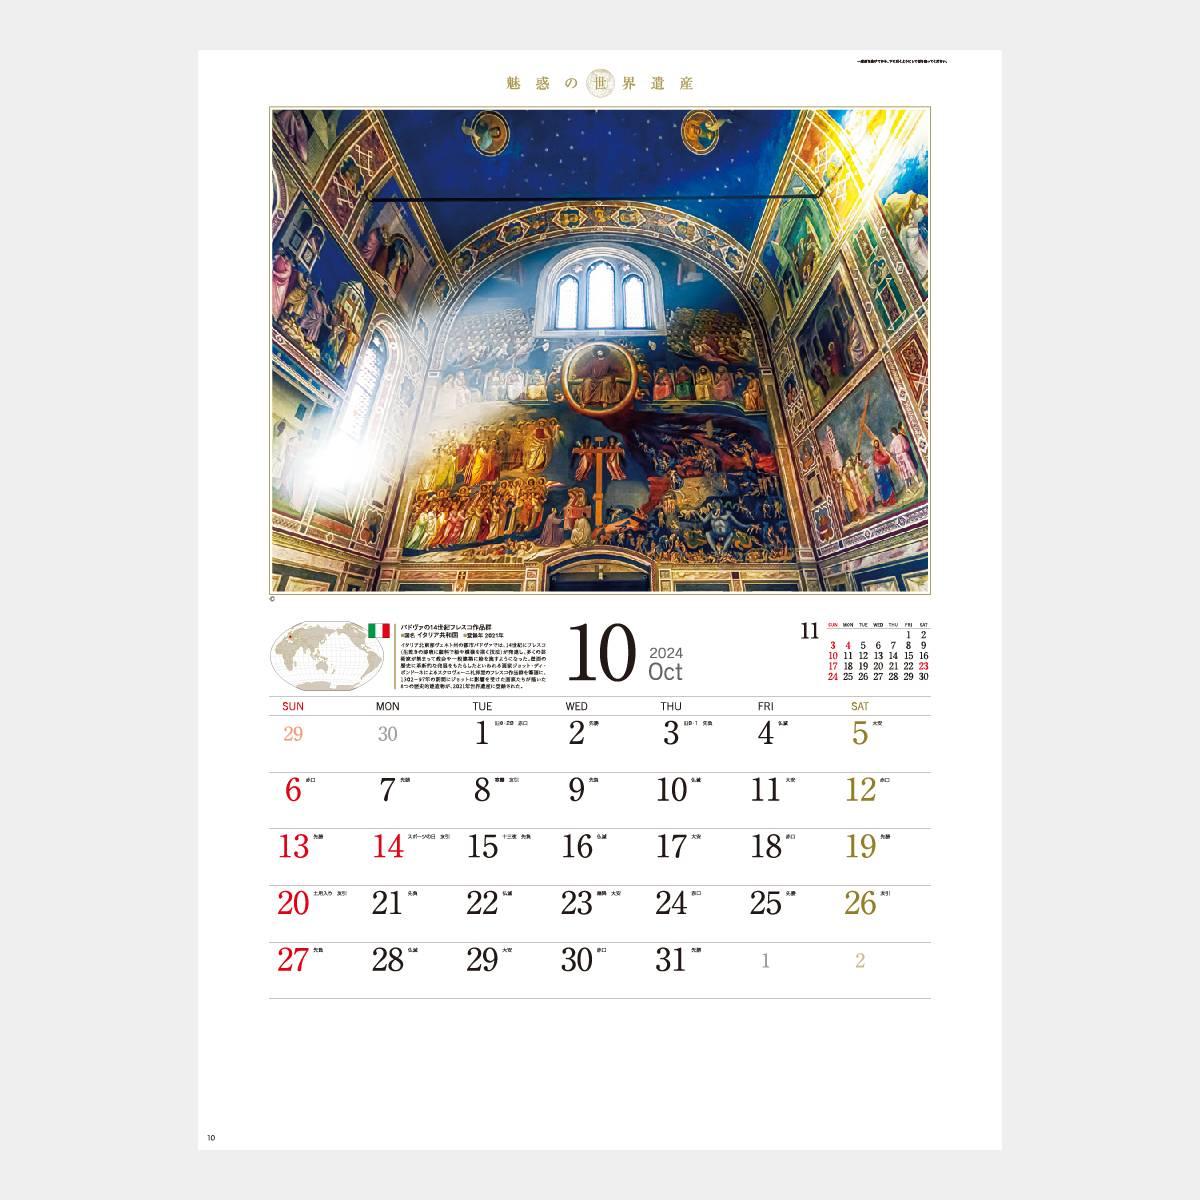 世界 遺産 カレンダー 2020